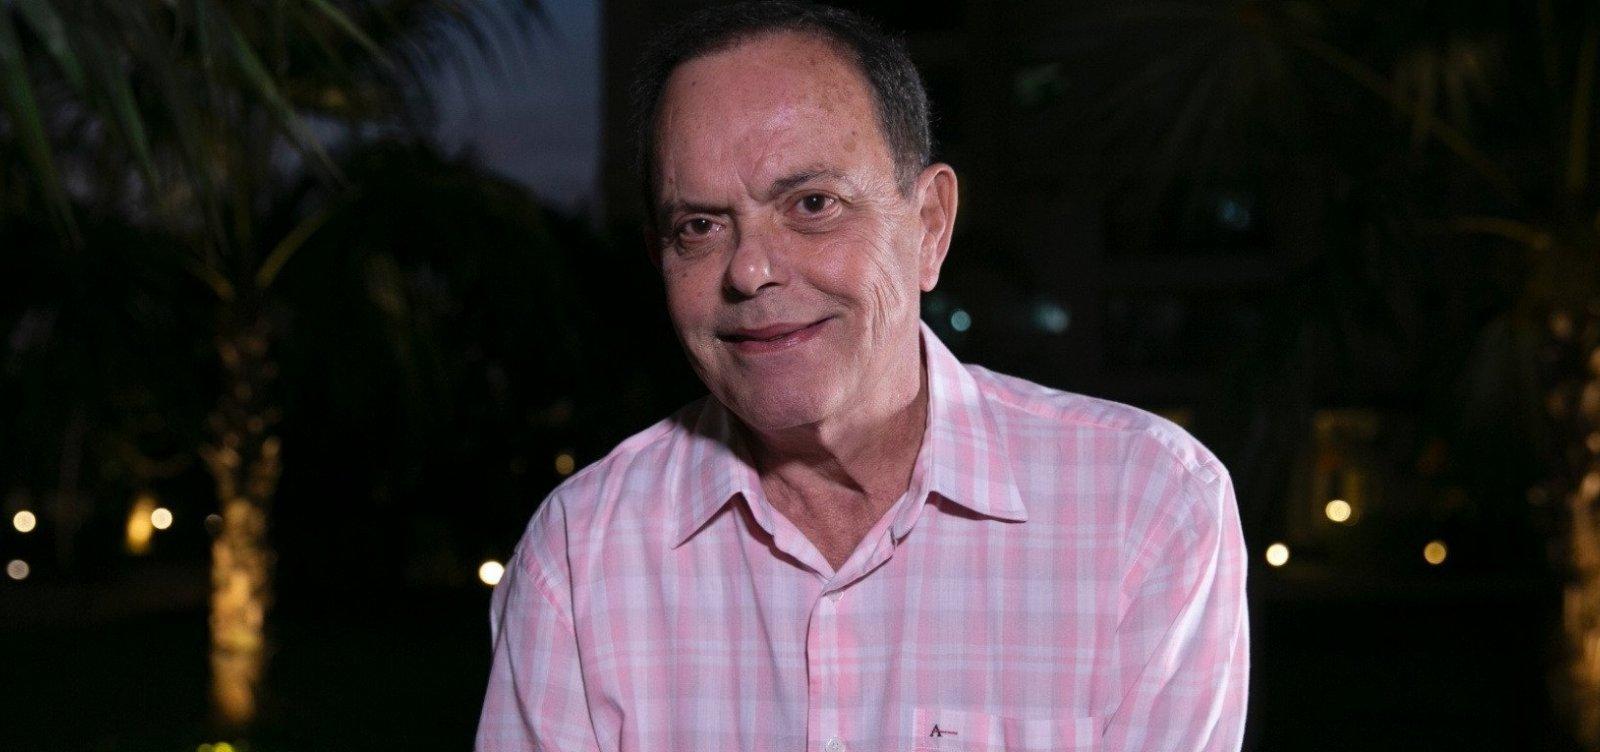 Morre aos 69 anos o apresentador Fernando Vannucci